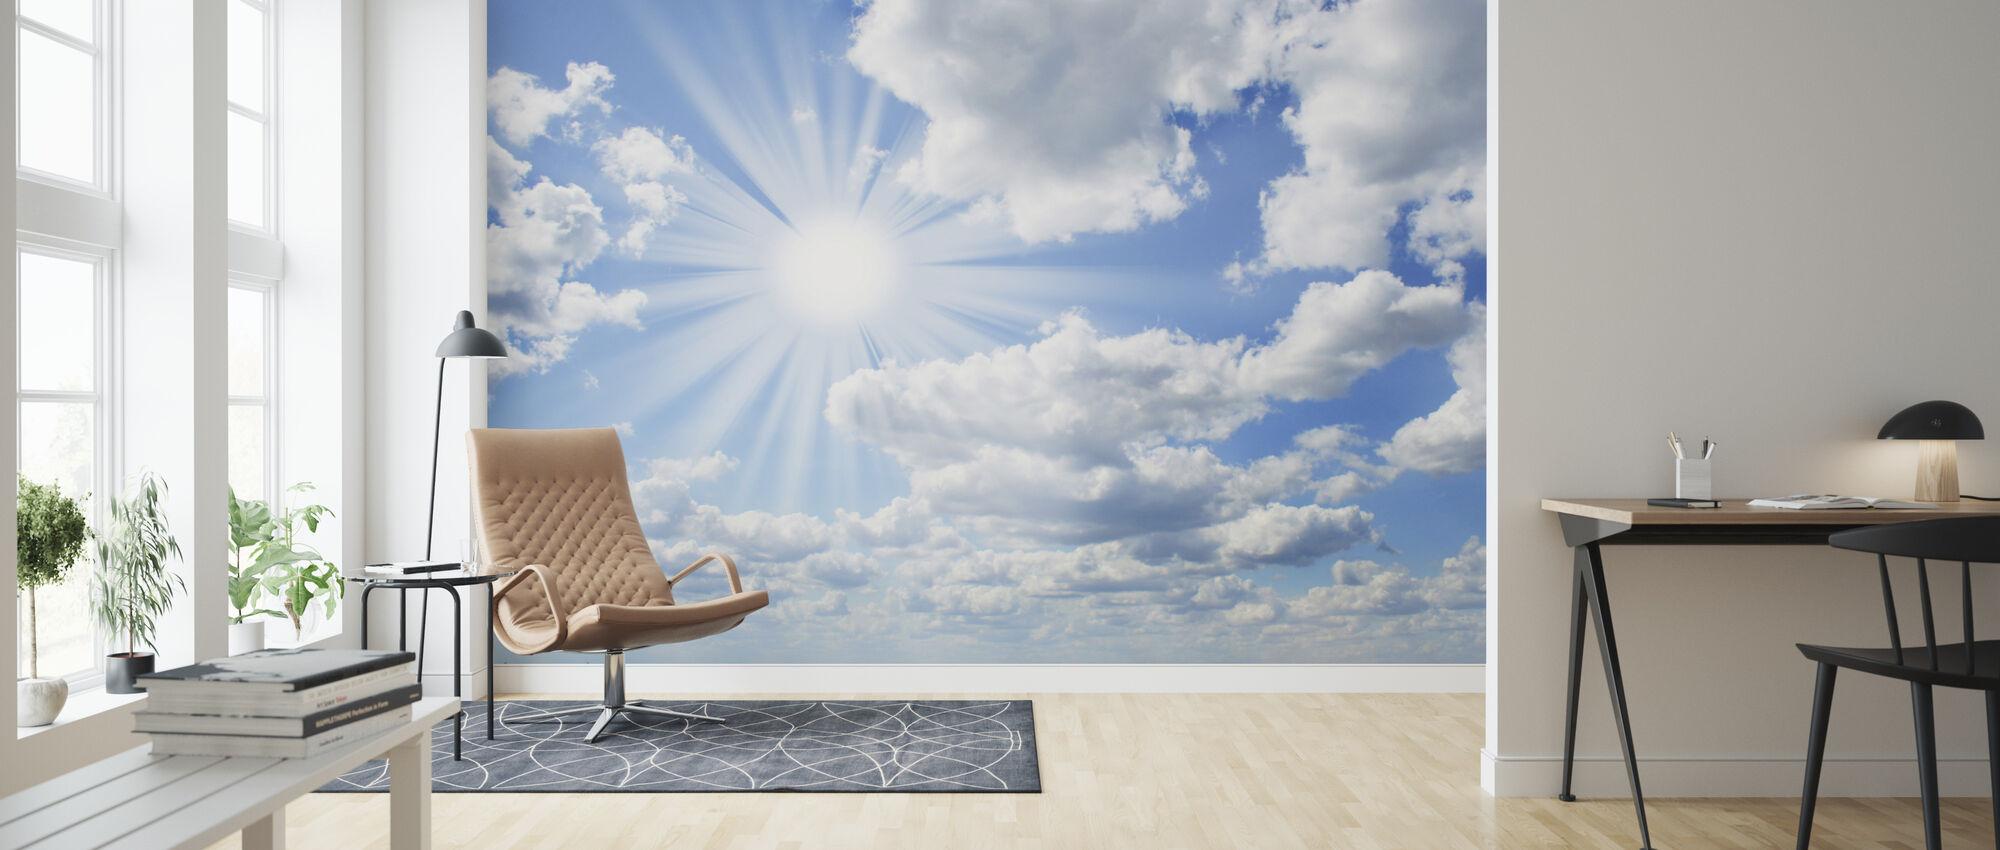 Día soleado - Papel pintado - Salón